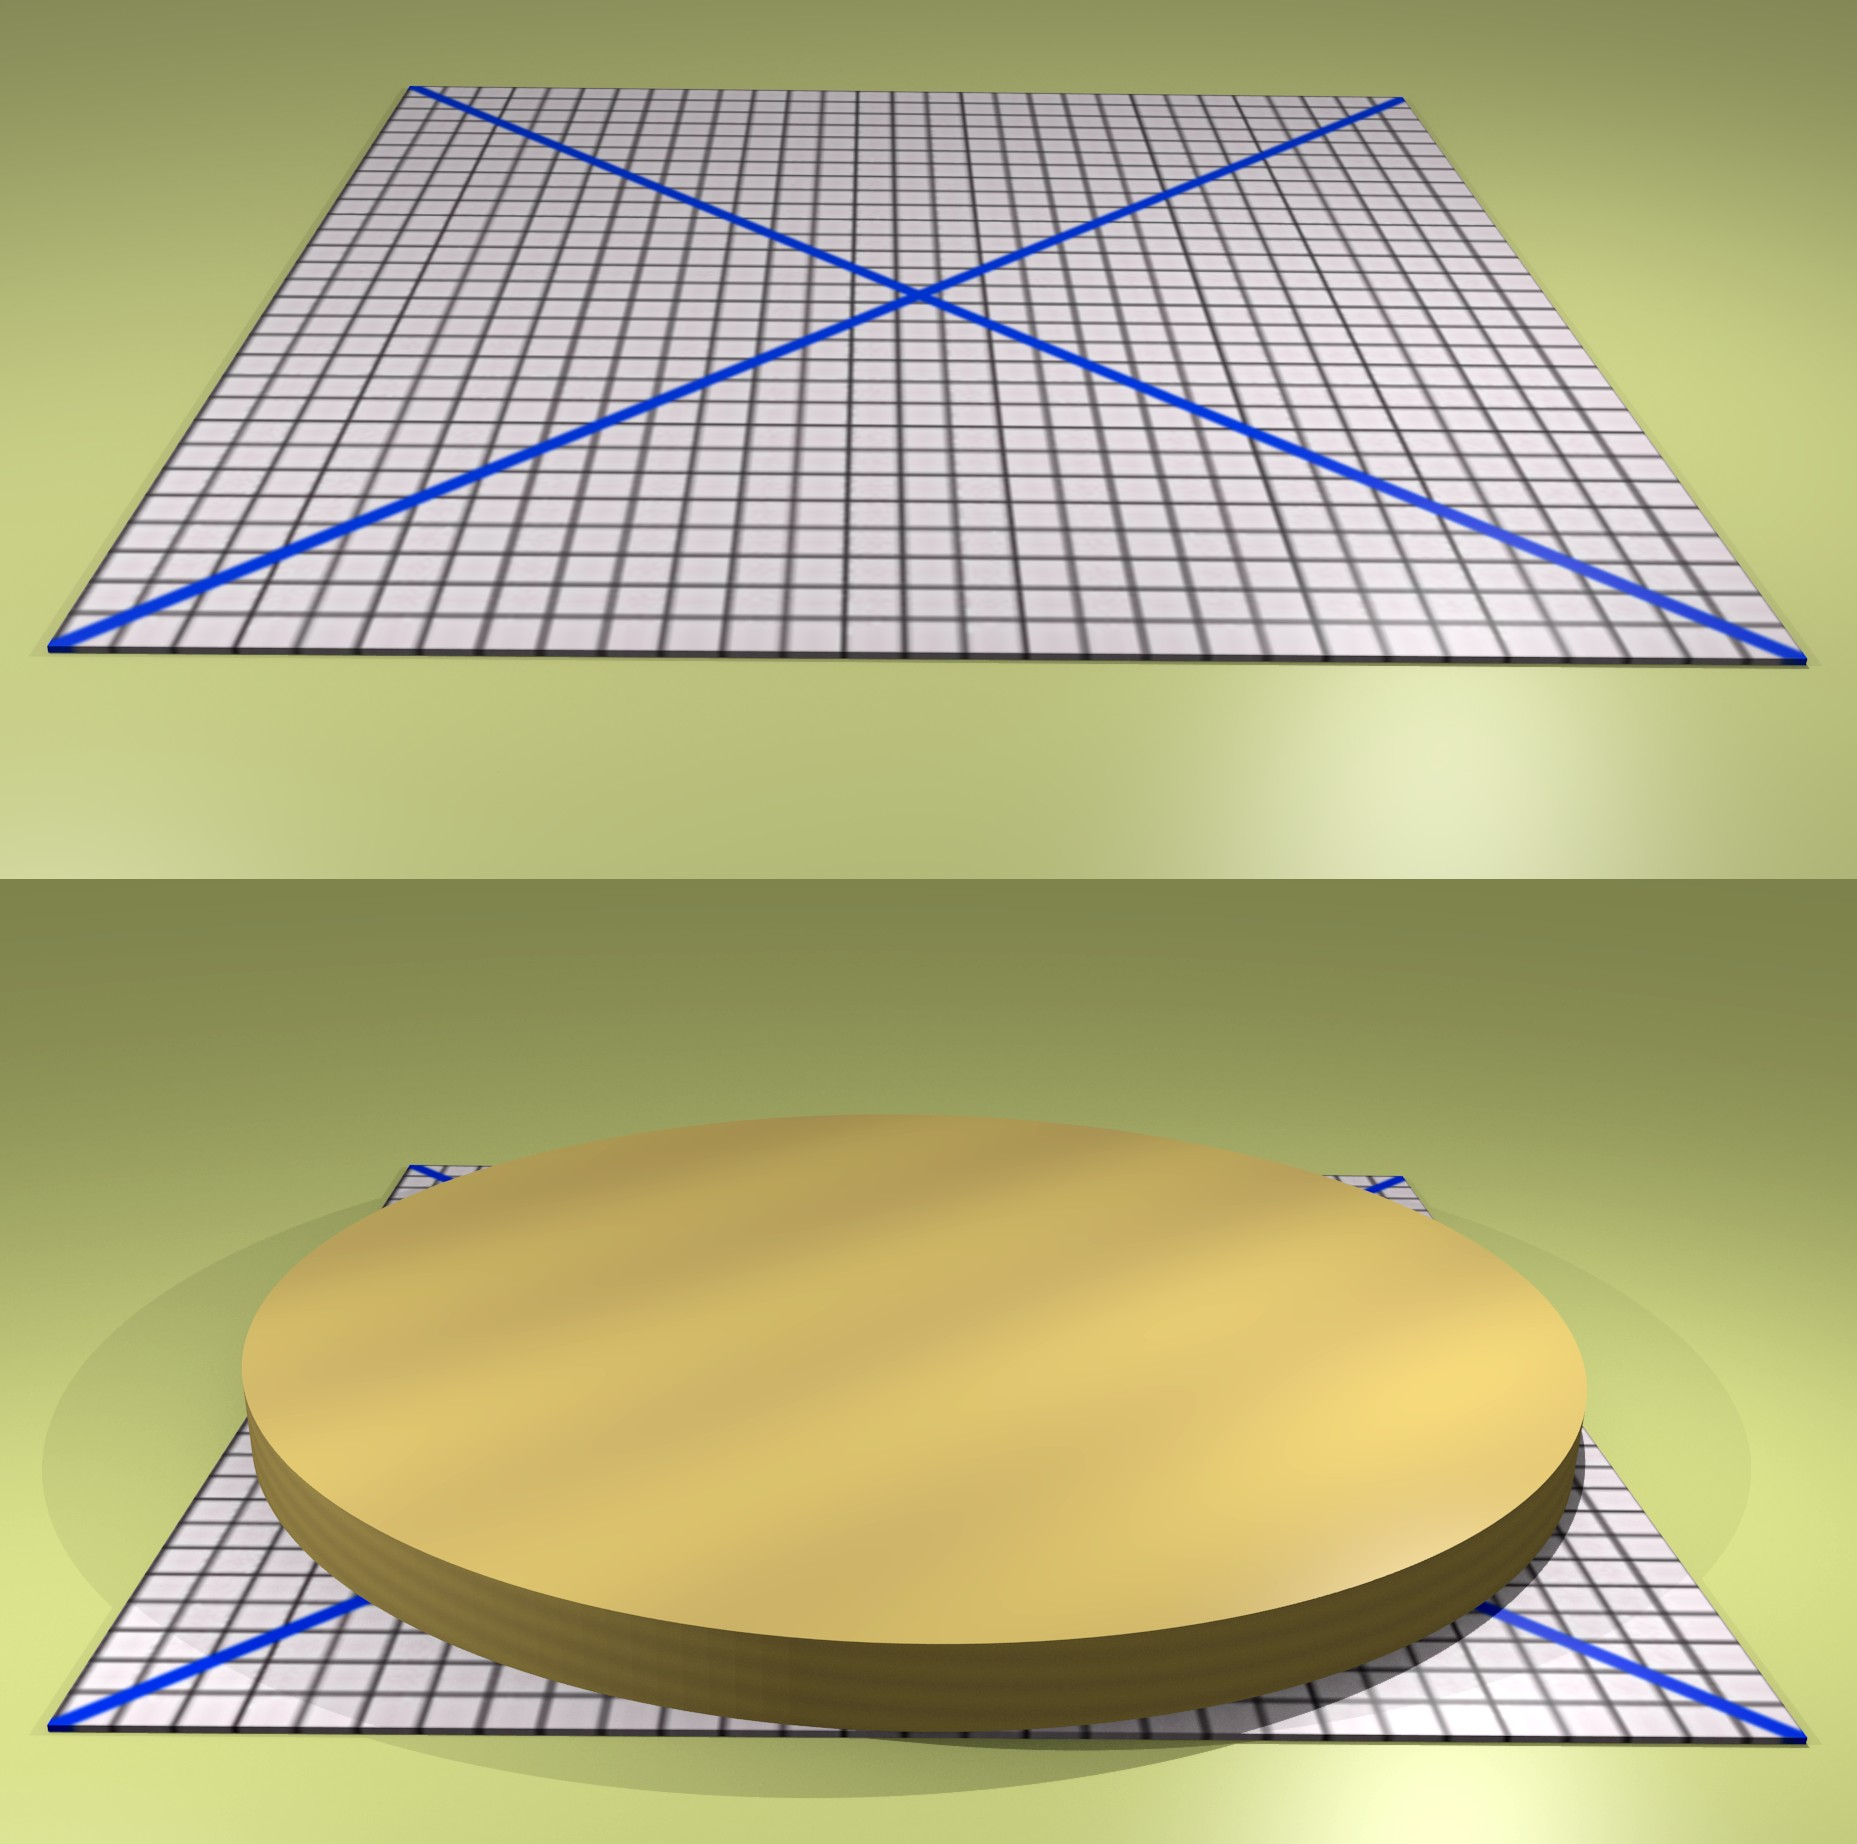 Figura 9: il metodo del cerchio inscritto